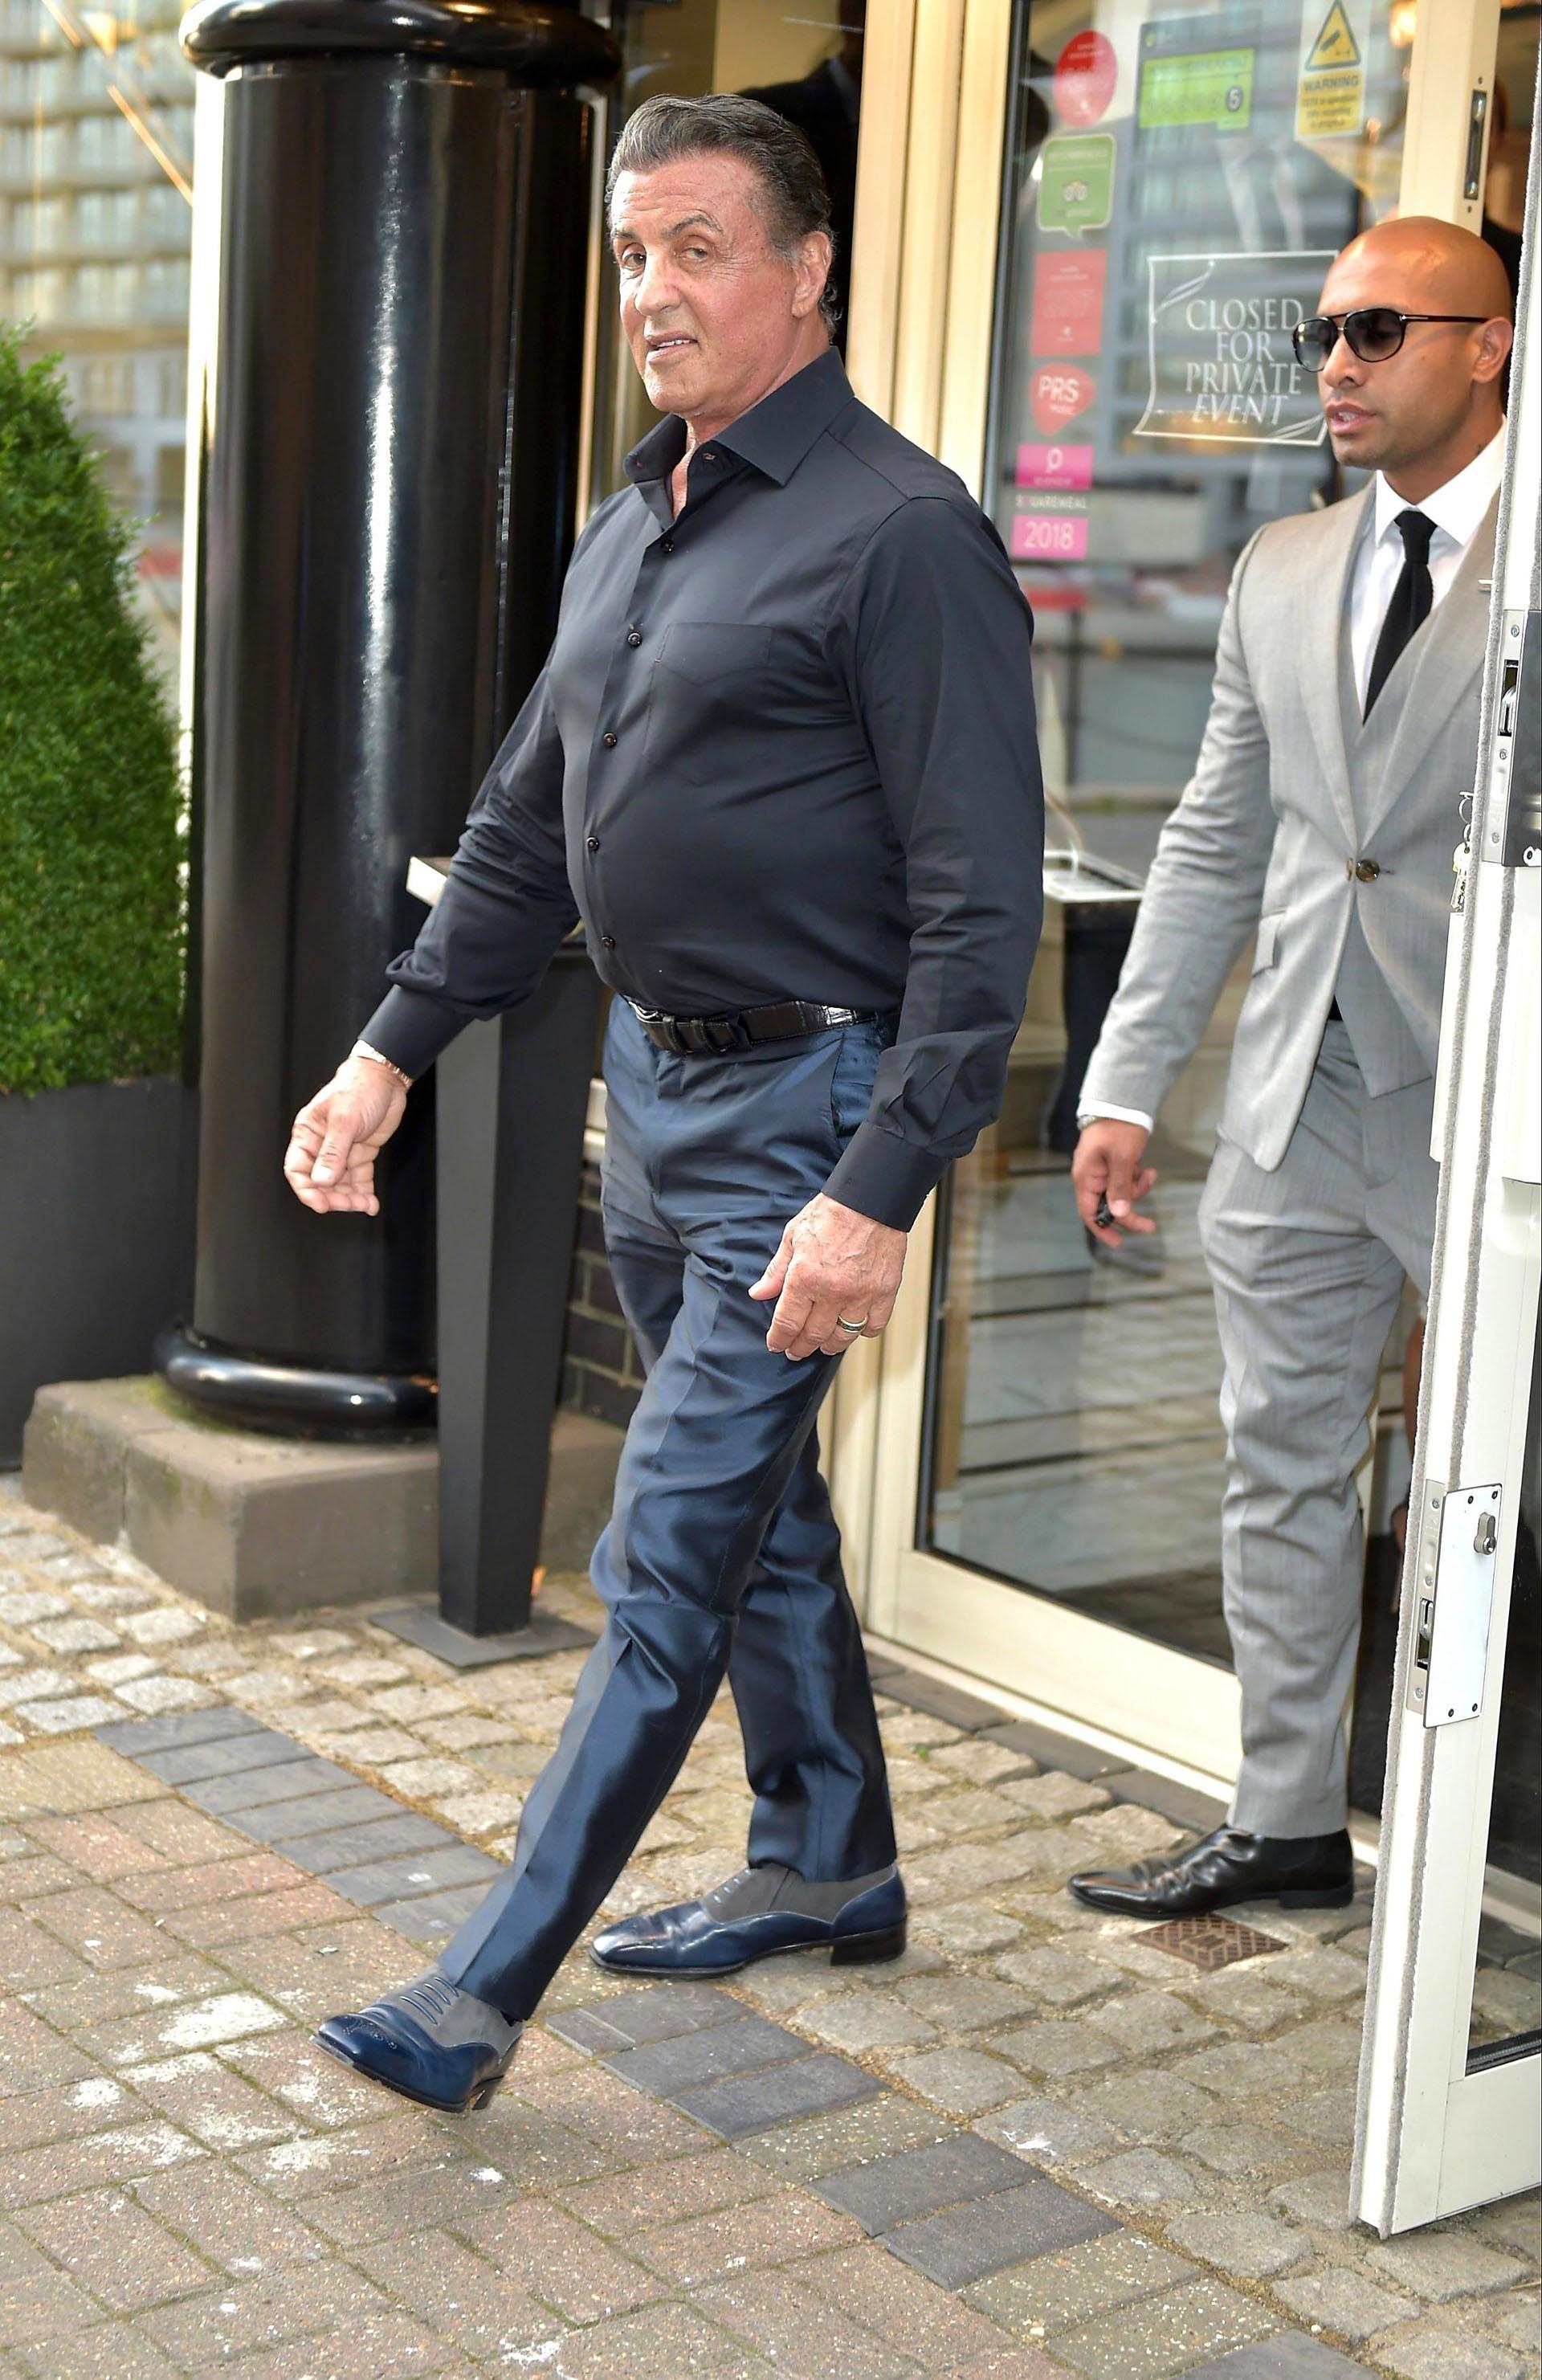 Vestido con un traje azul, zapatos combinados con gris y camisa negra, Stallone conserva su elegancia característica (Grosby Group)